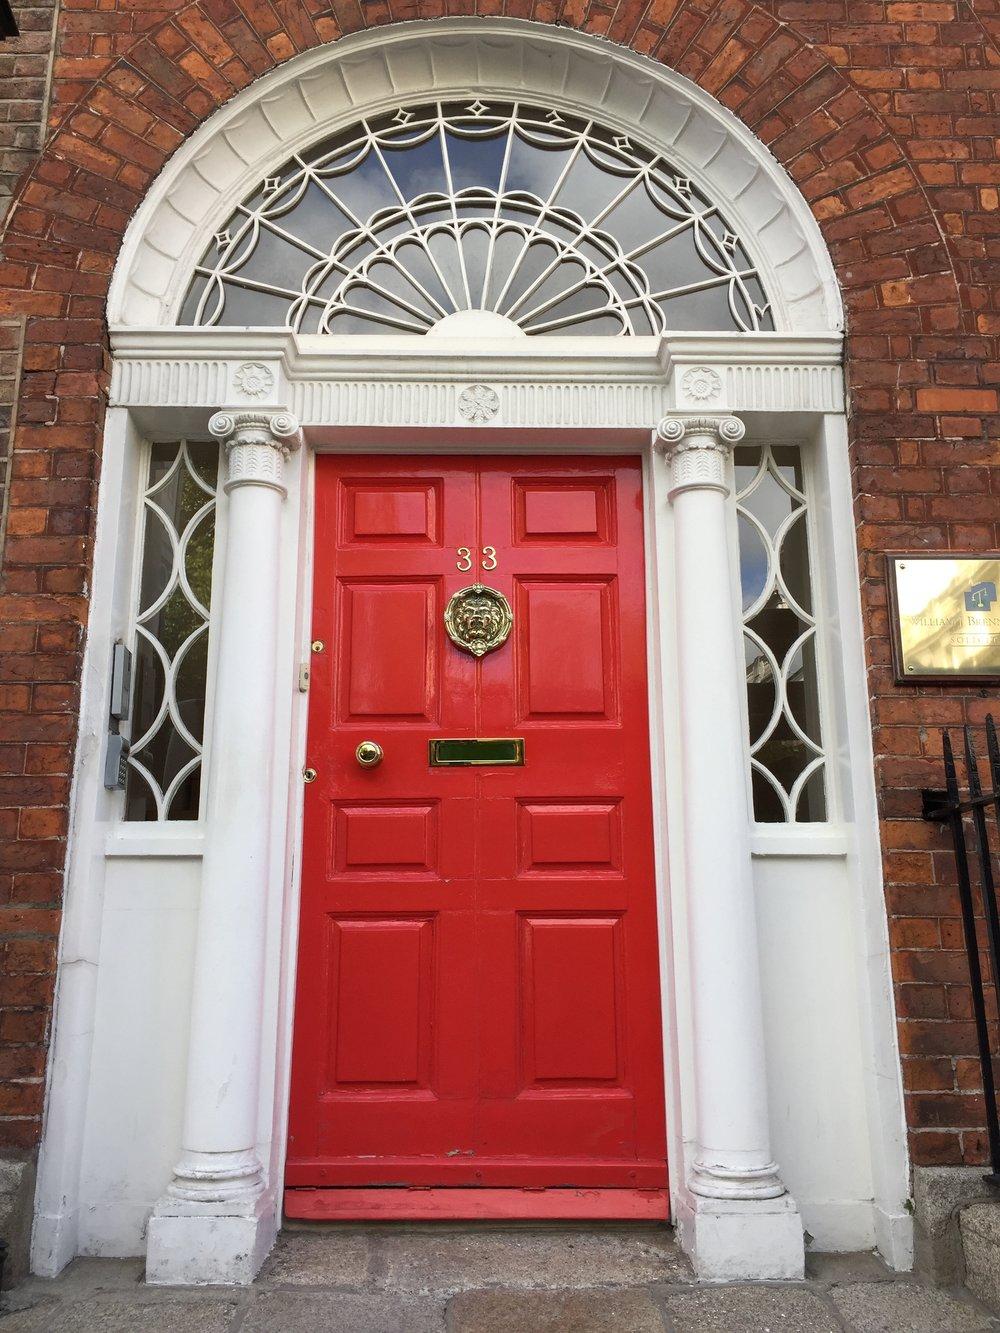 Door in the Georgian style